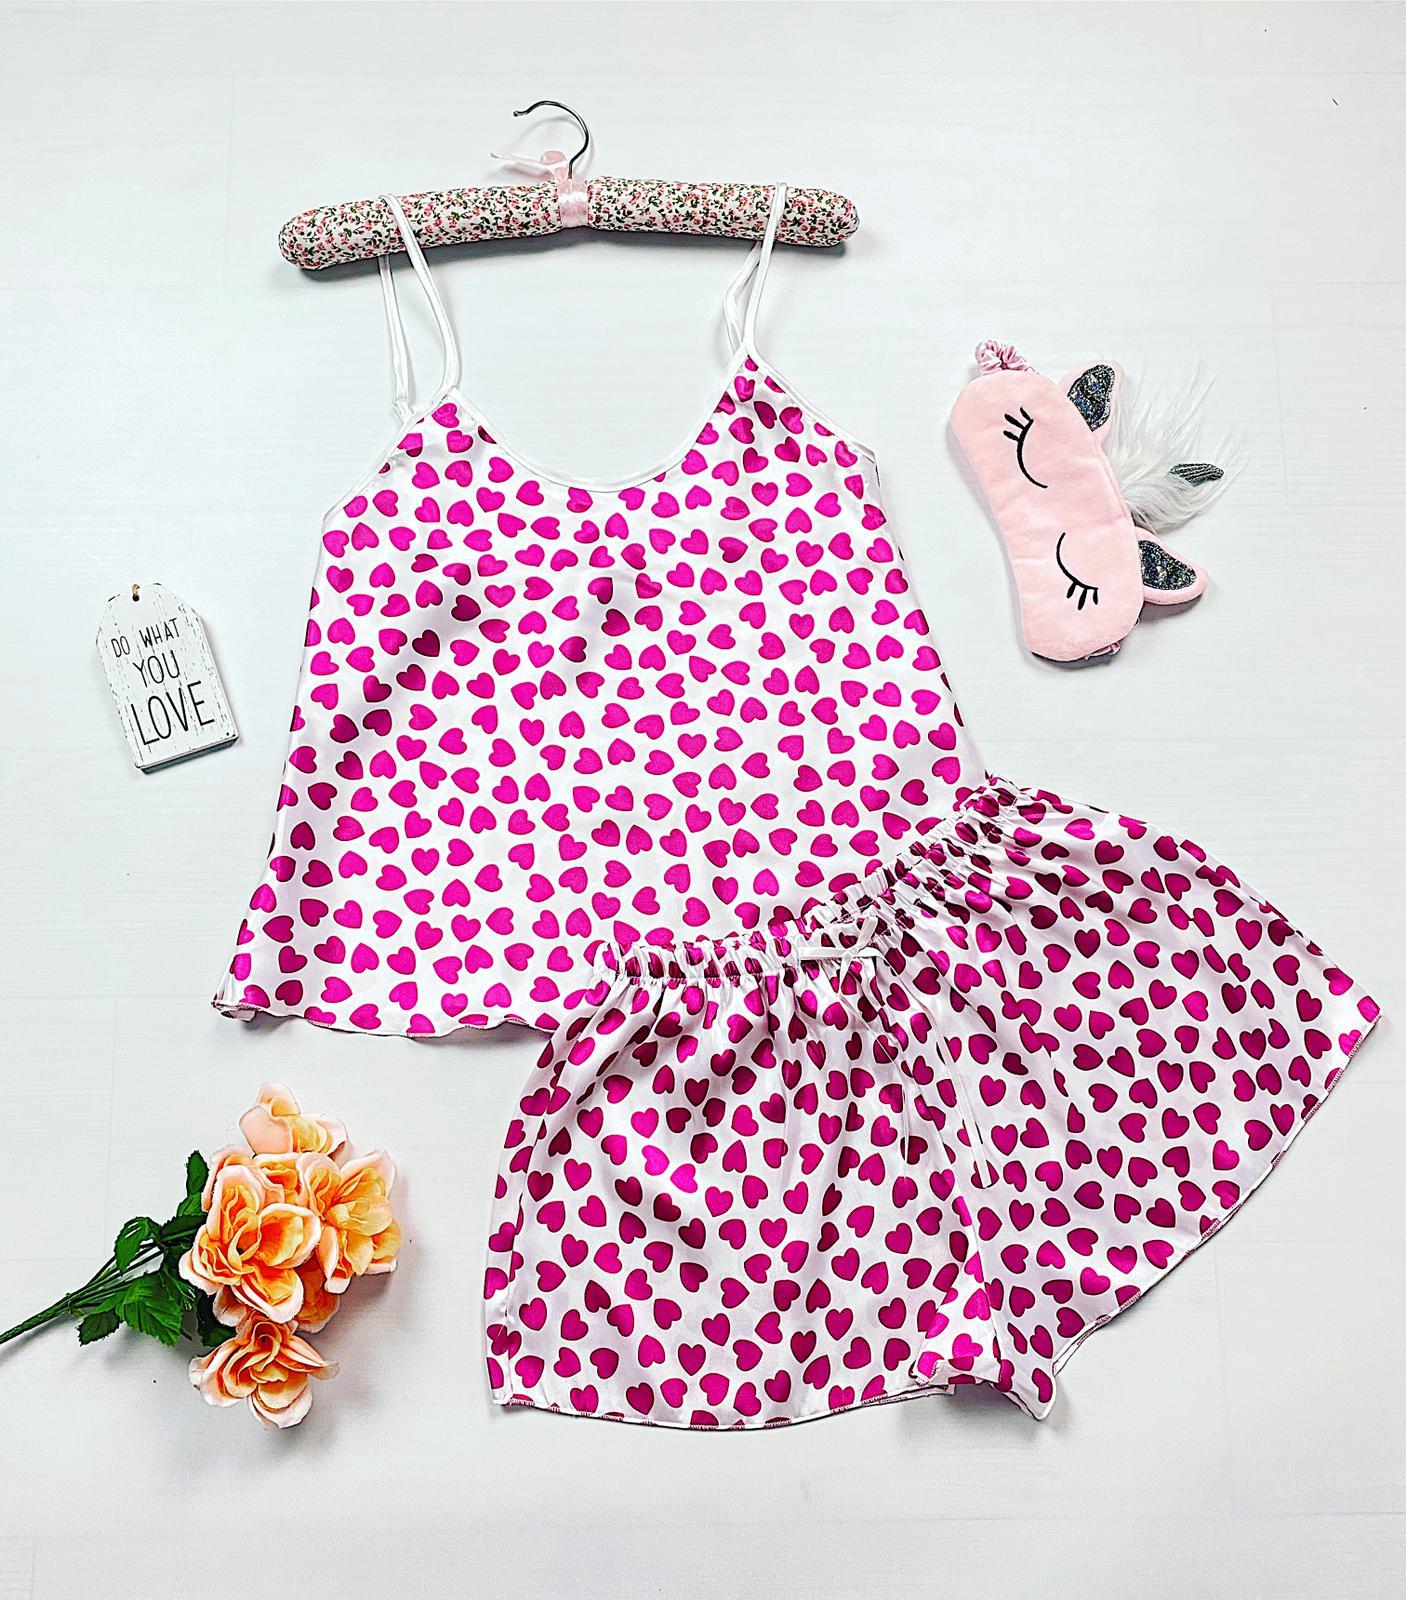 Compleu pijama scurt alb din satin cu imprimeu inimioare roz